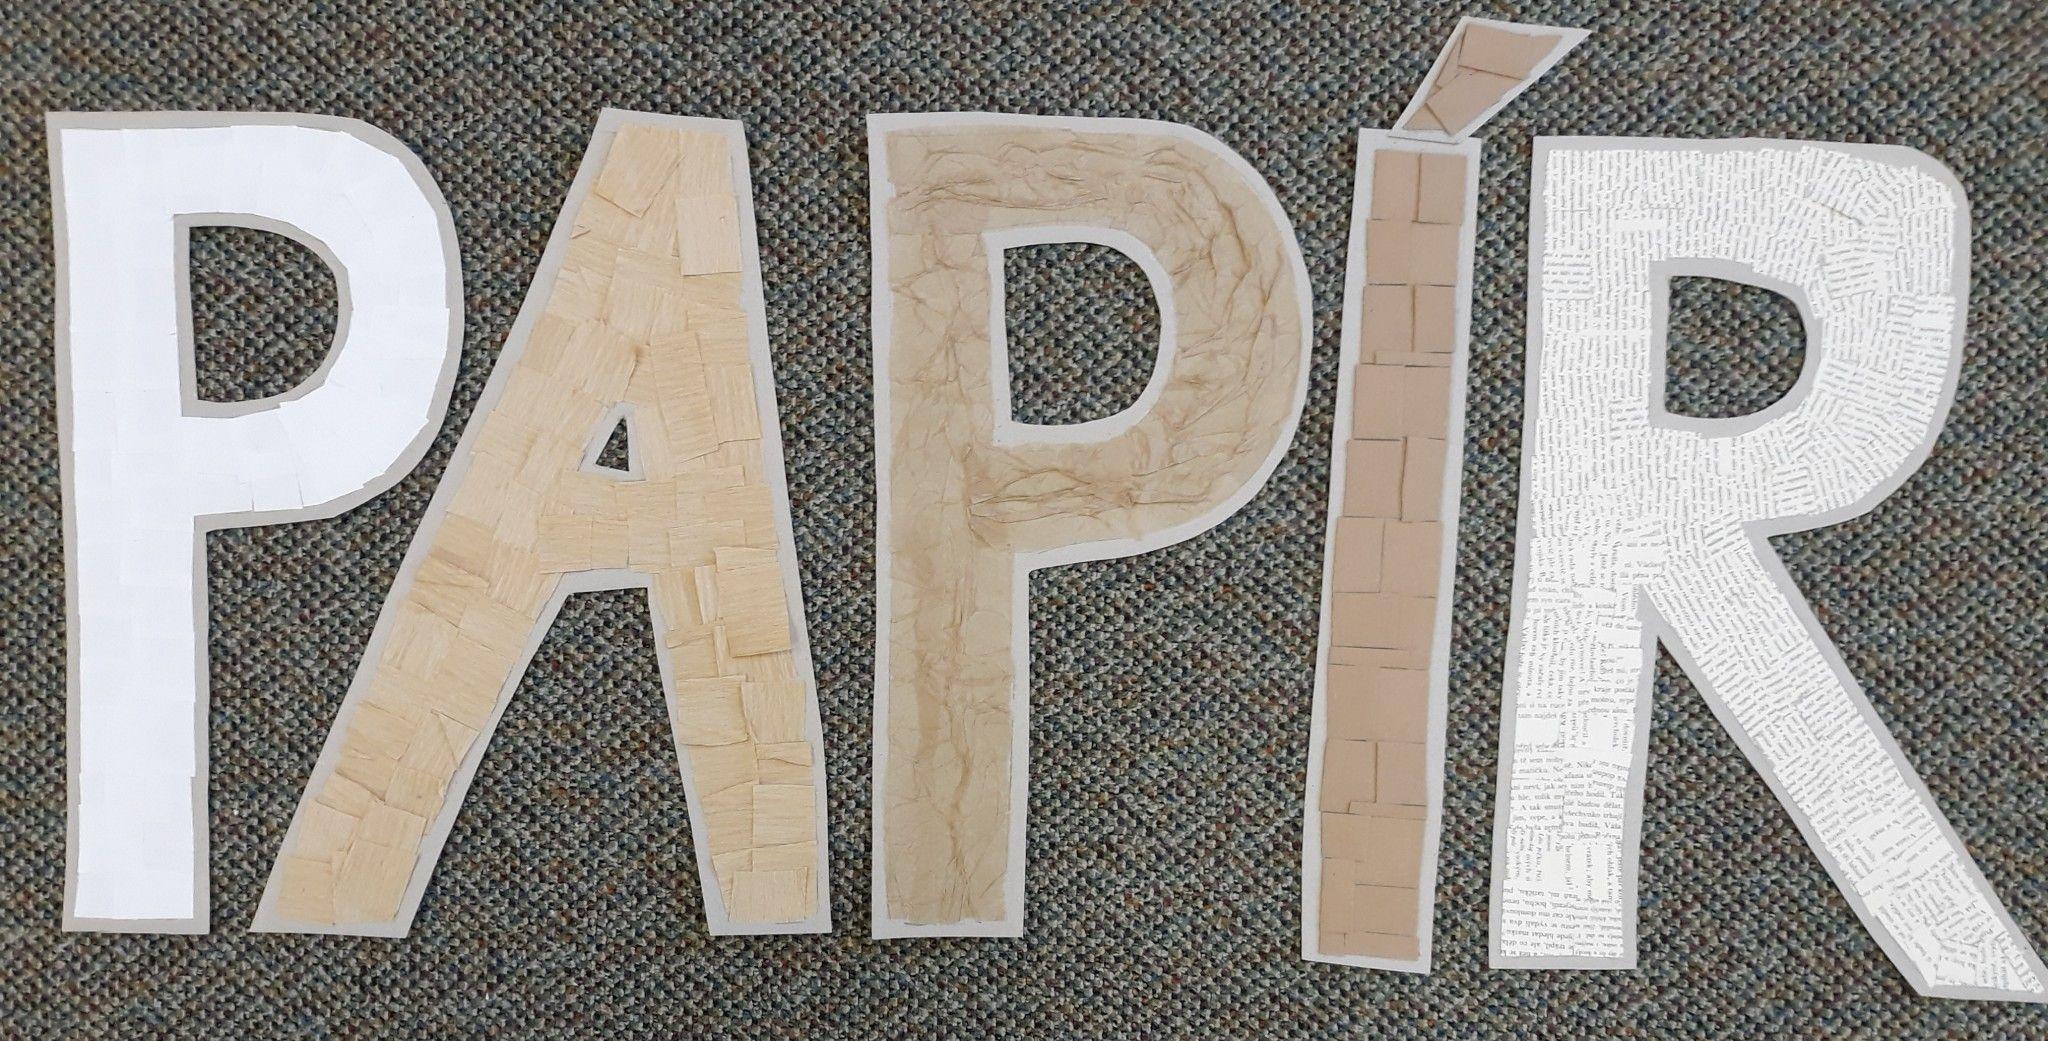 Papír tematický blok písmena vytvořená z různých druhů